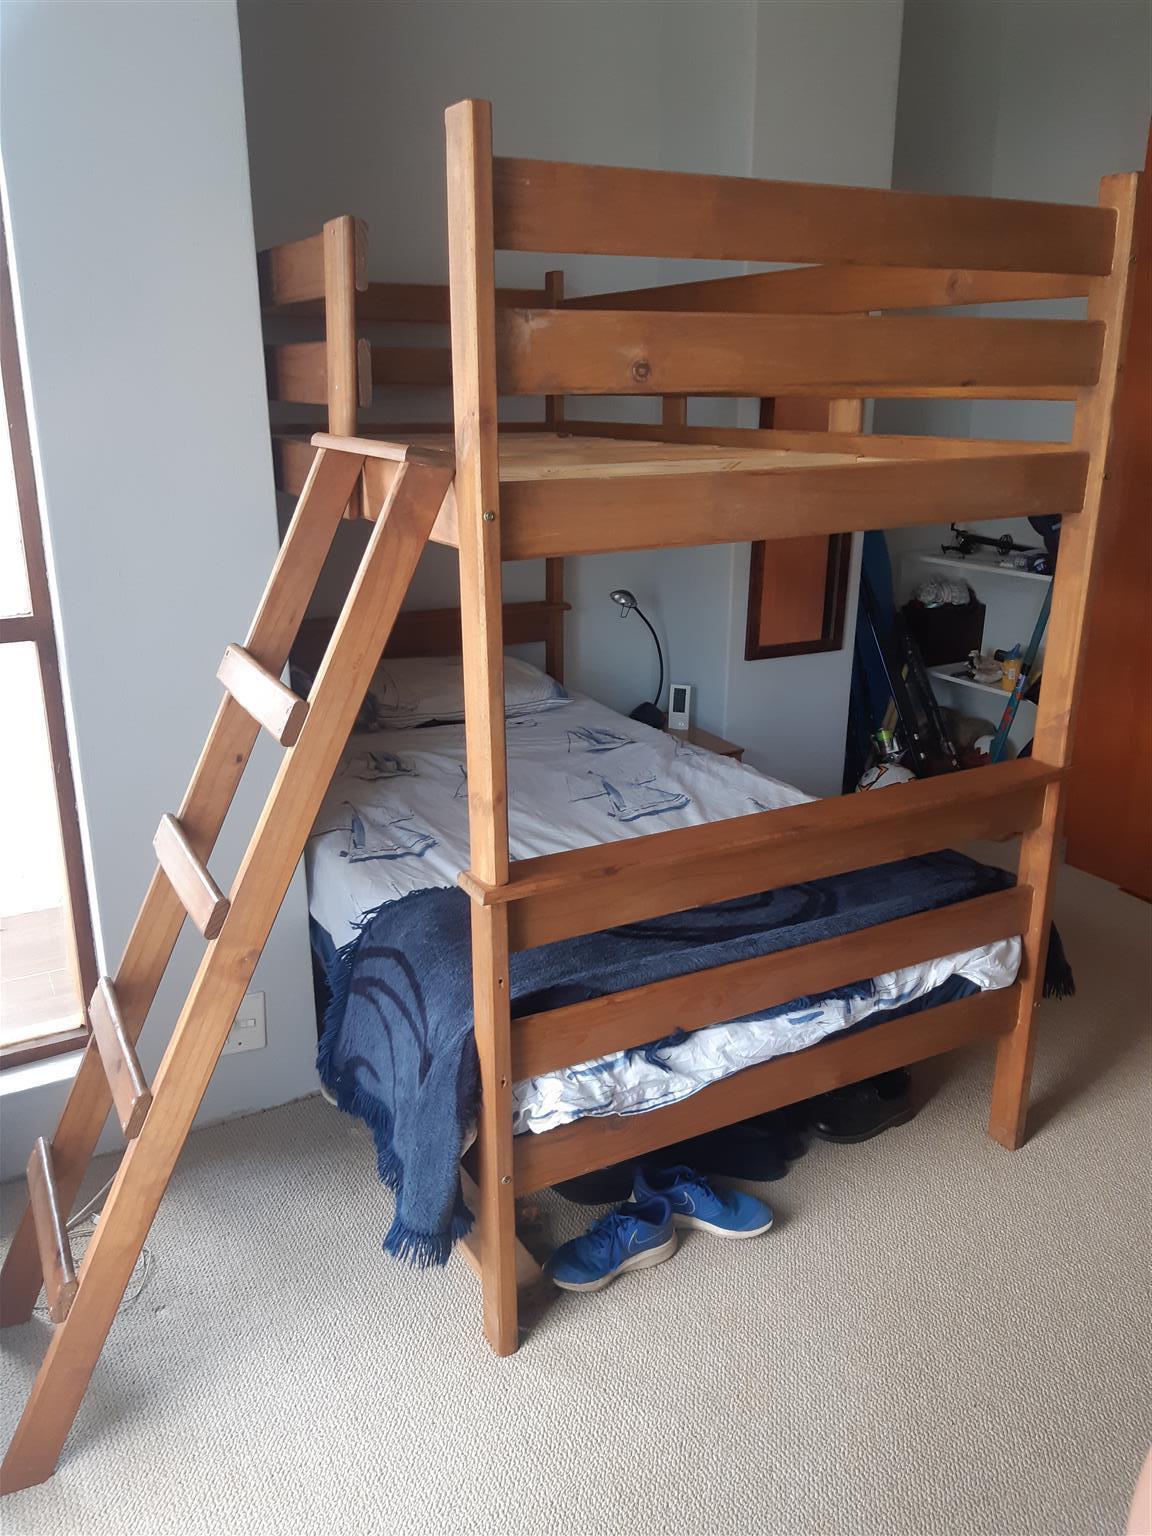 34 Bunk Beds For Sale Laptrinhx News